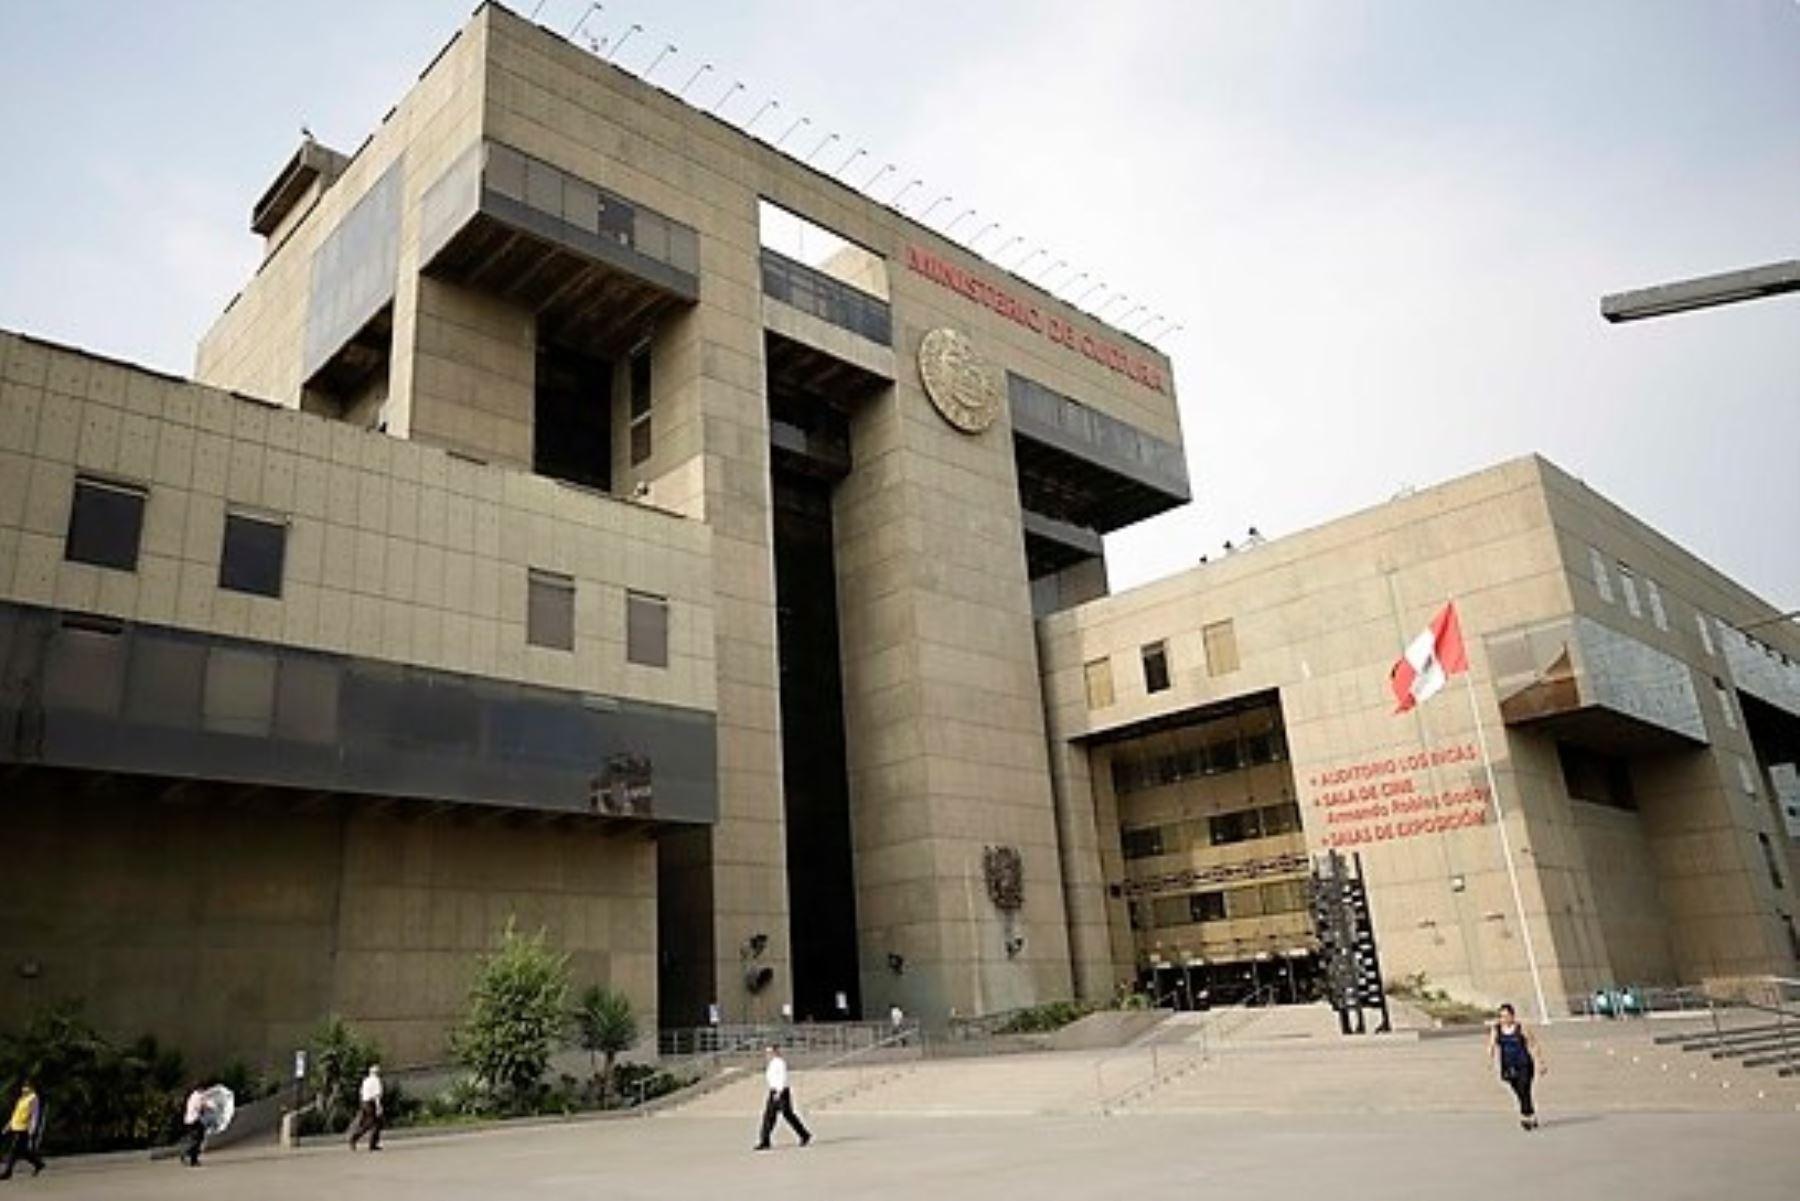 FIL de Guadalajara: sector Cultura asegura transparencia en gastos de delegación peruana